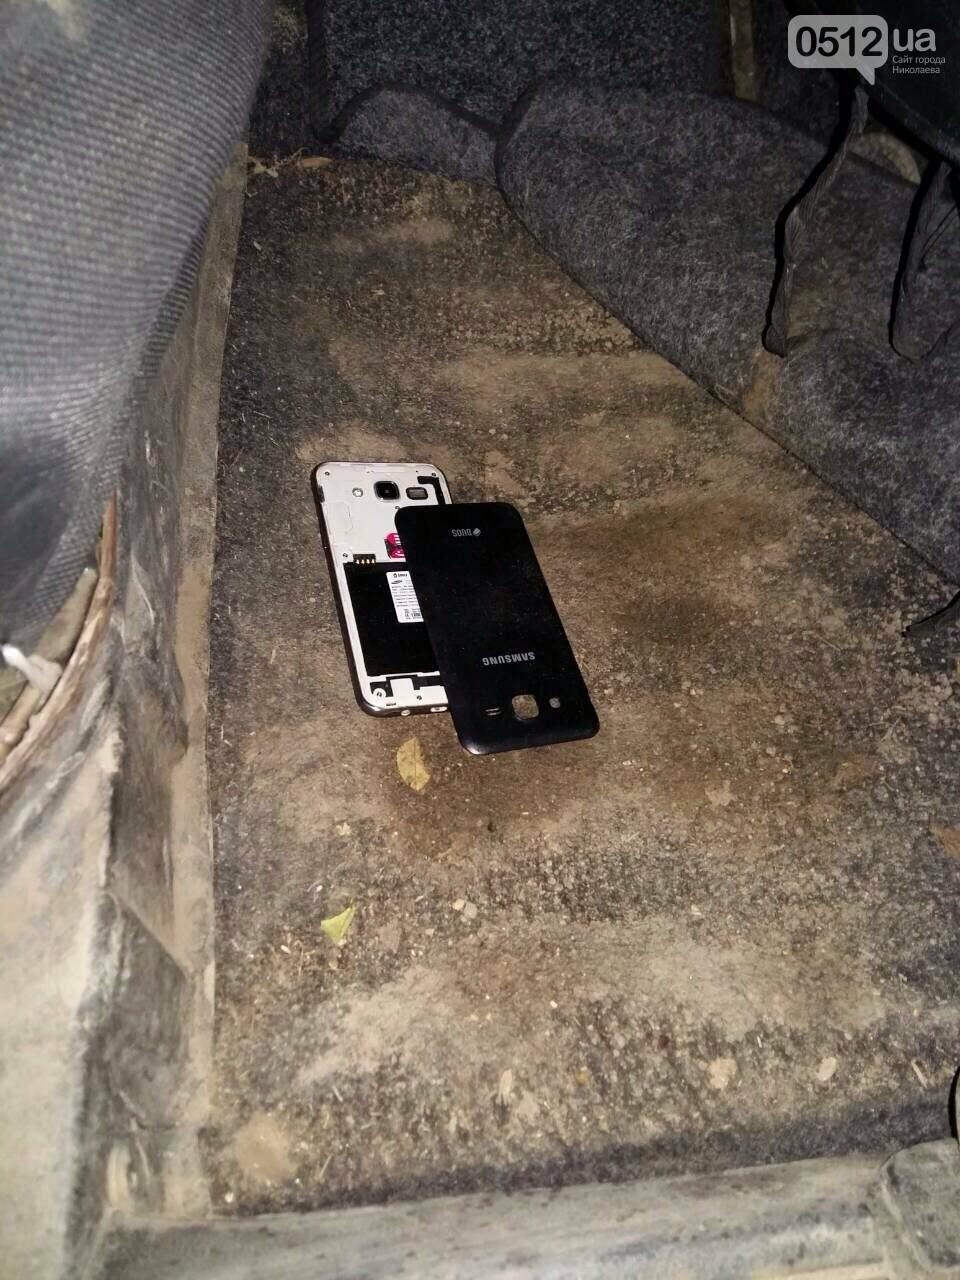 Ночью в Николаеве трое мужчин напали и ограбили снимавшего сюжет журналиста (ФОТО, ВИДЕО), фото-1